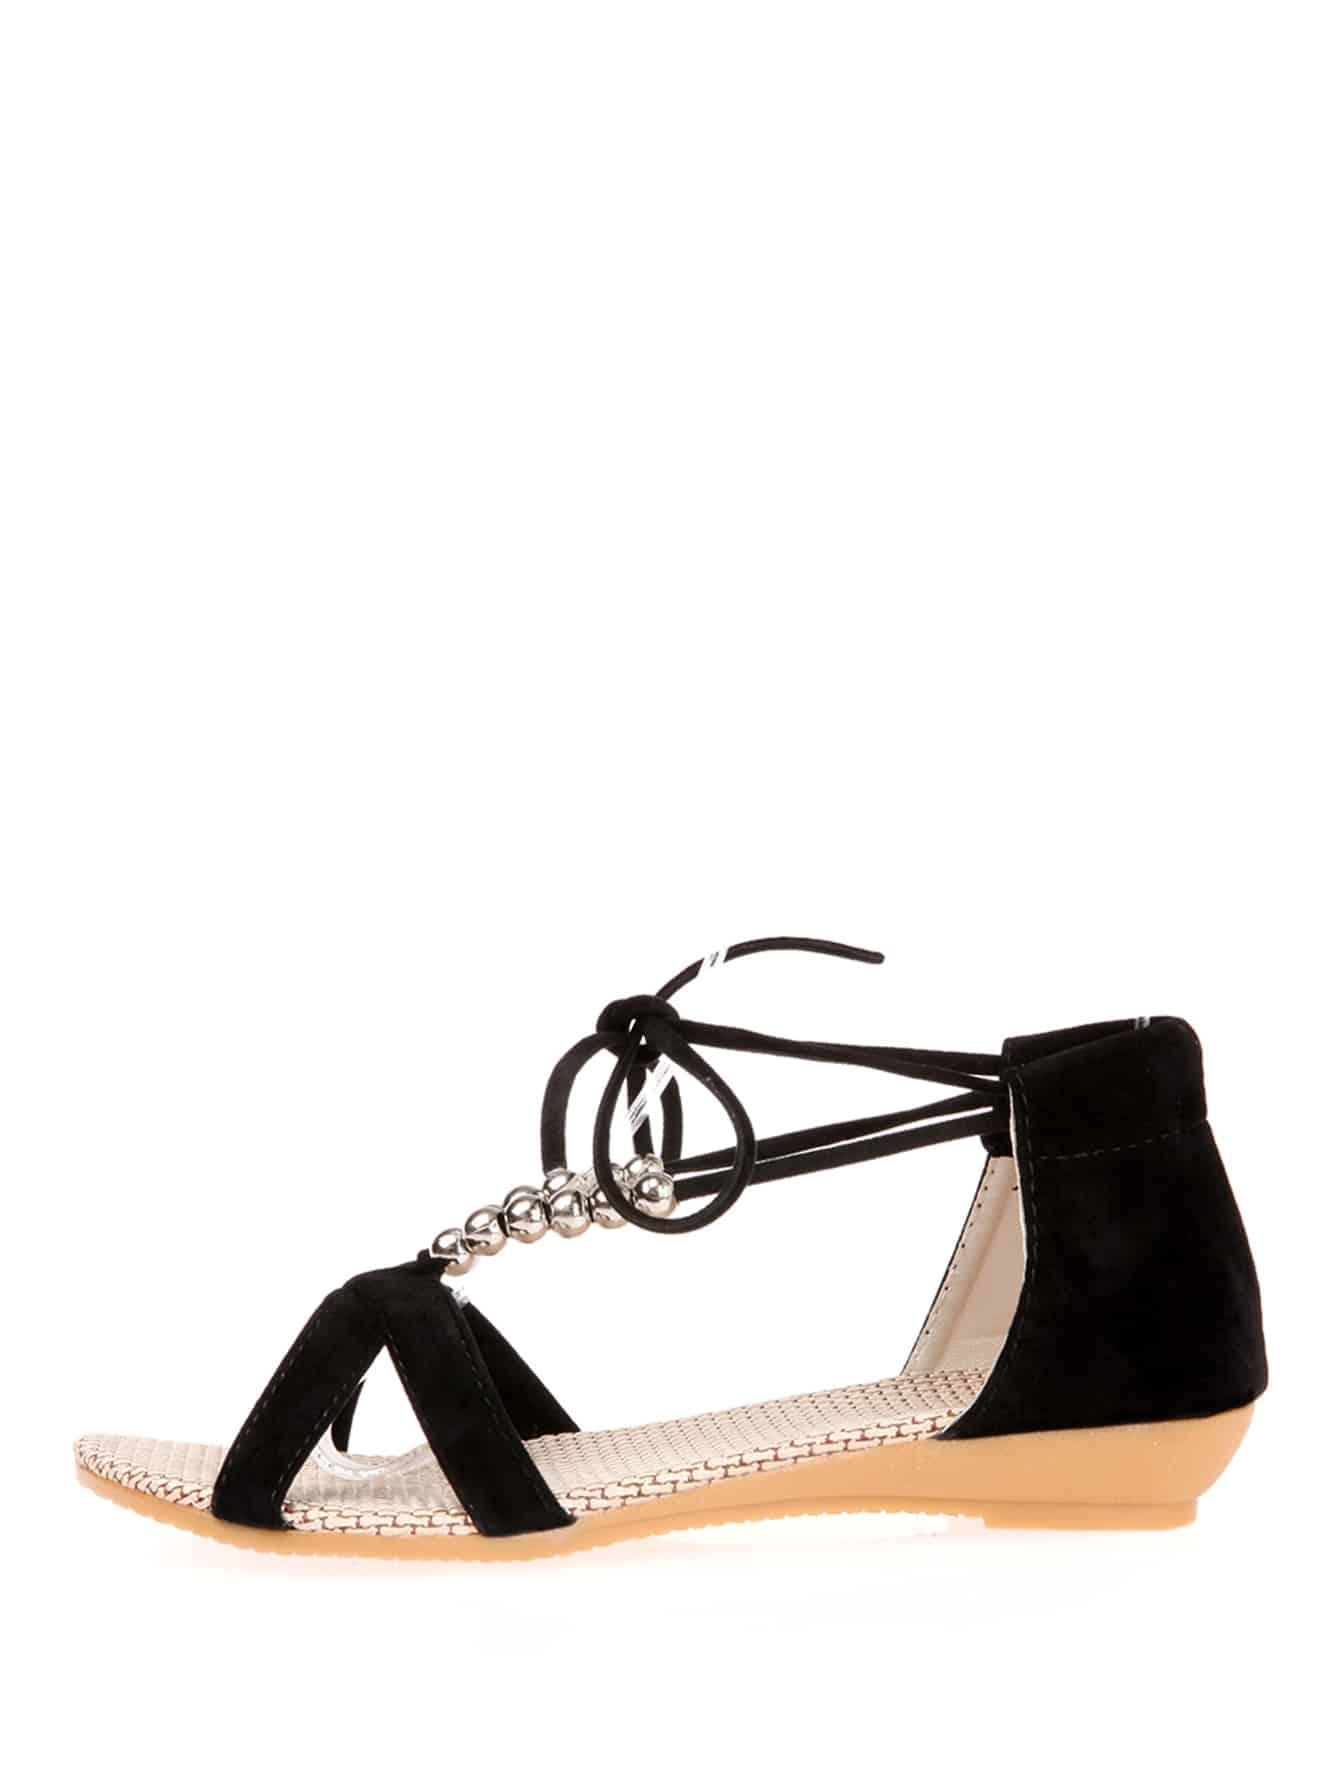 Beaded Detail Criss Cross Sandals fringe detail criss cross pu flat sandals